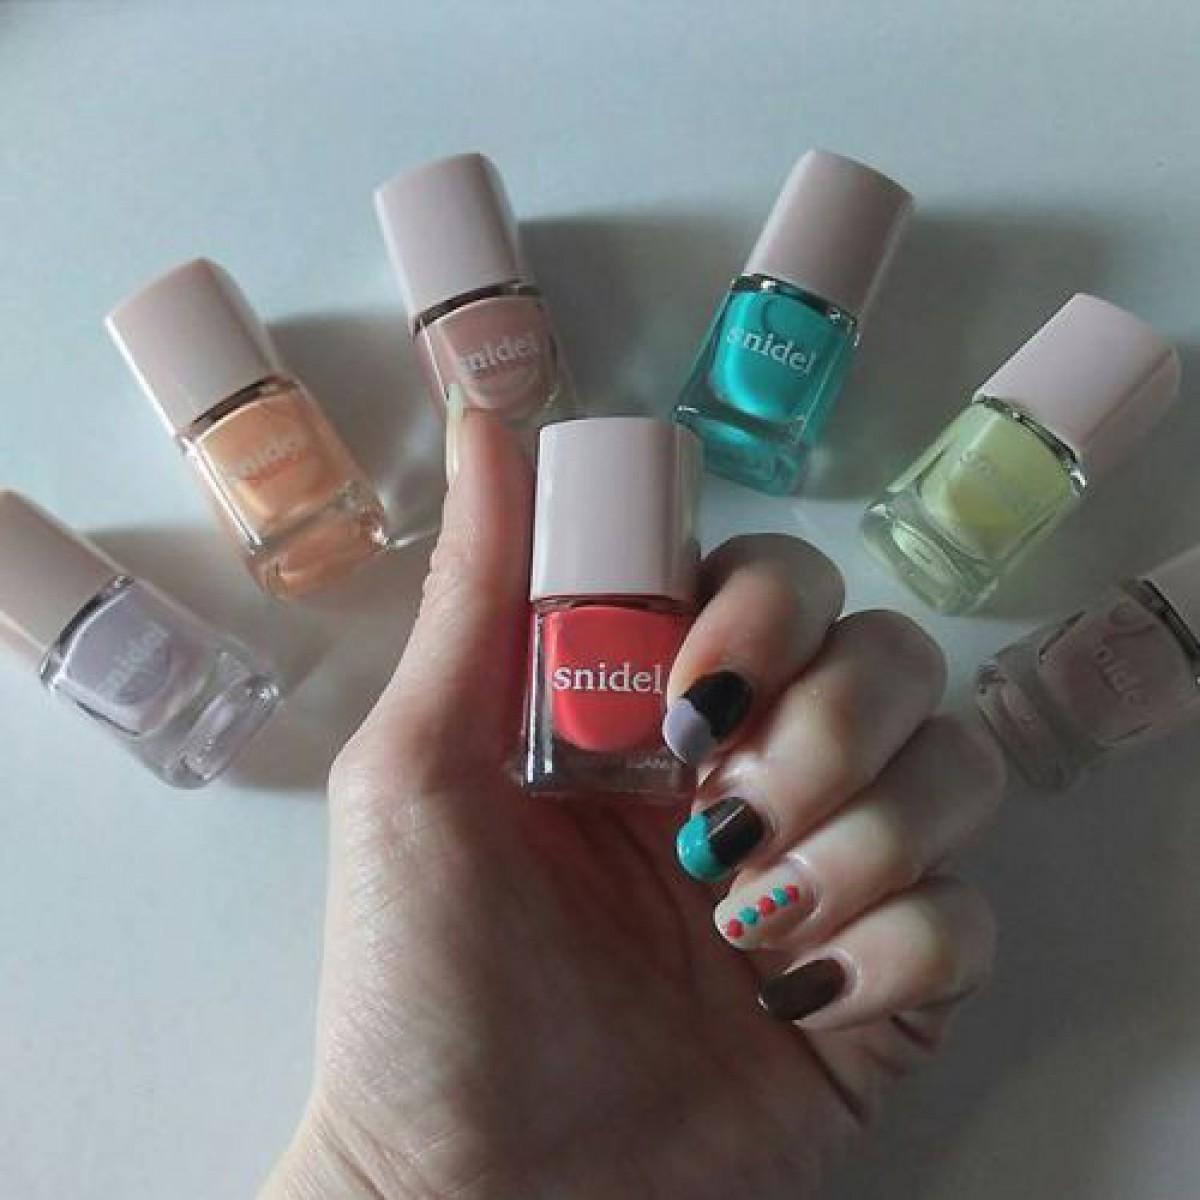 あなたはどの色が好き?どの色が似合う?8つのカラーから選ぶネイルデザイン特集